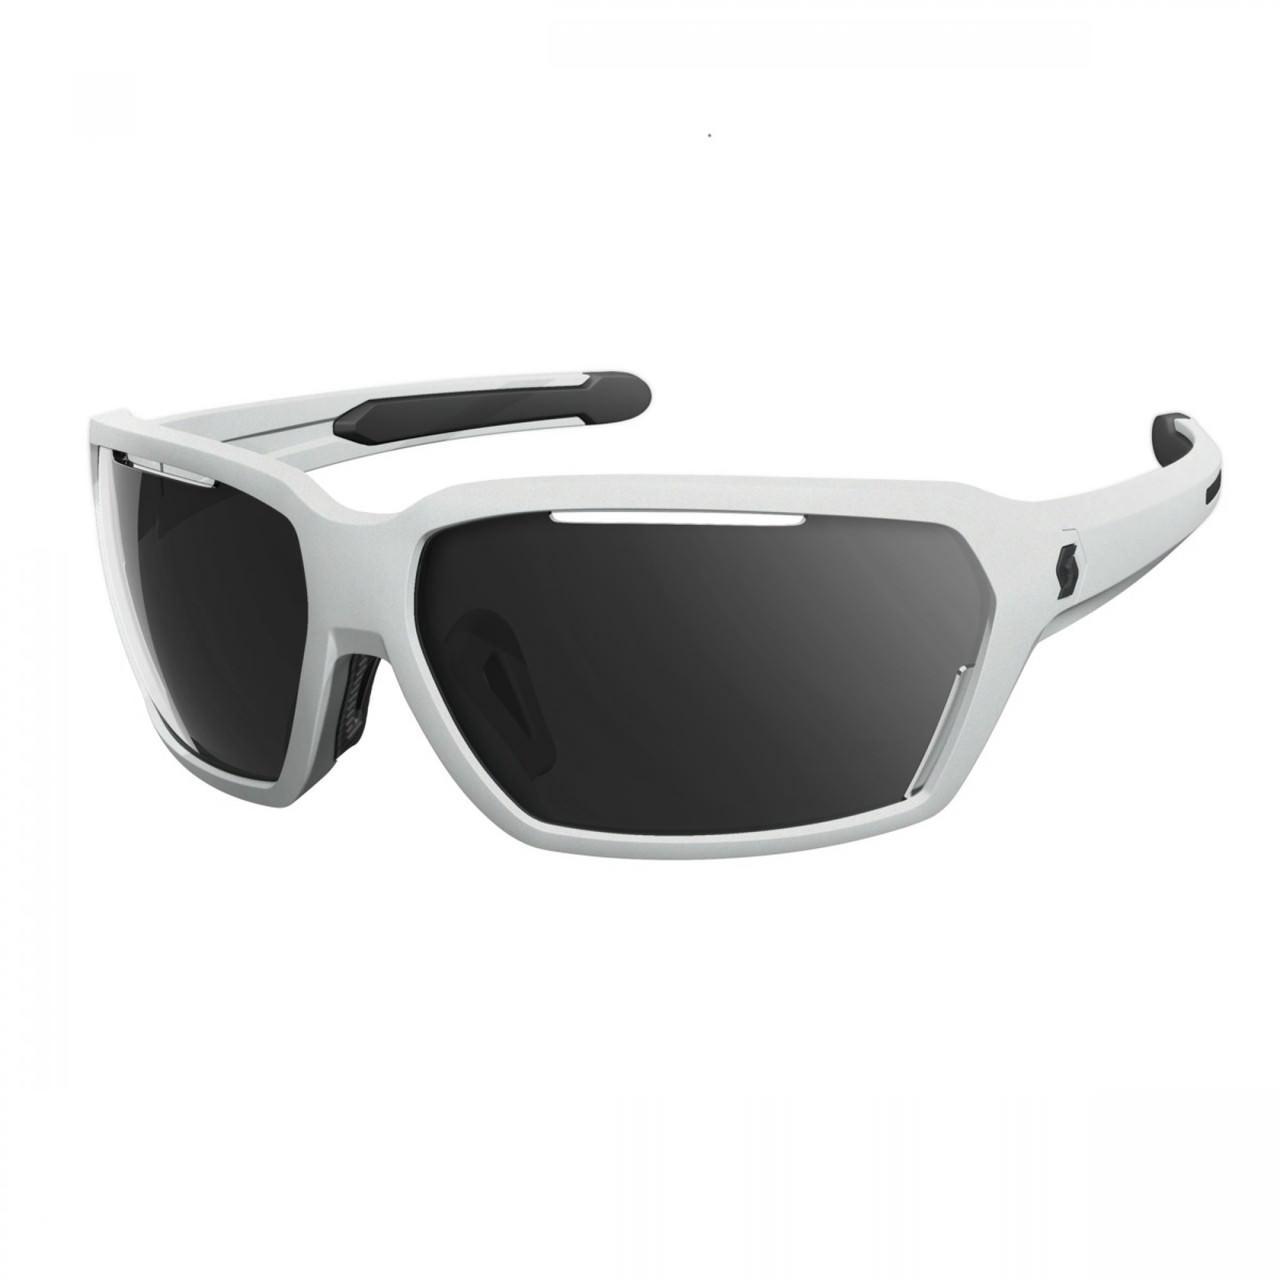 Спортивные очки SCOTT VECTOR белый матовый / серый